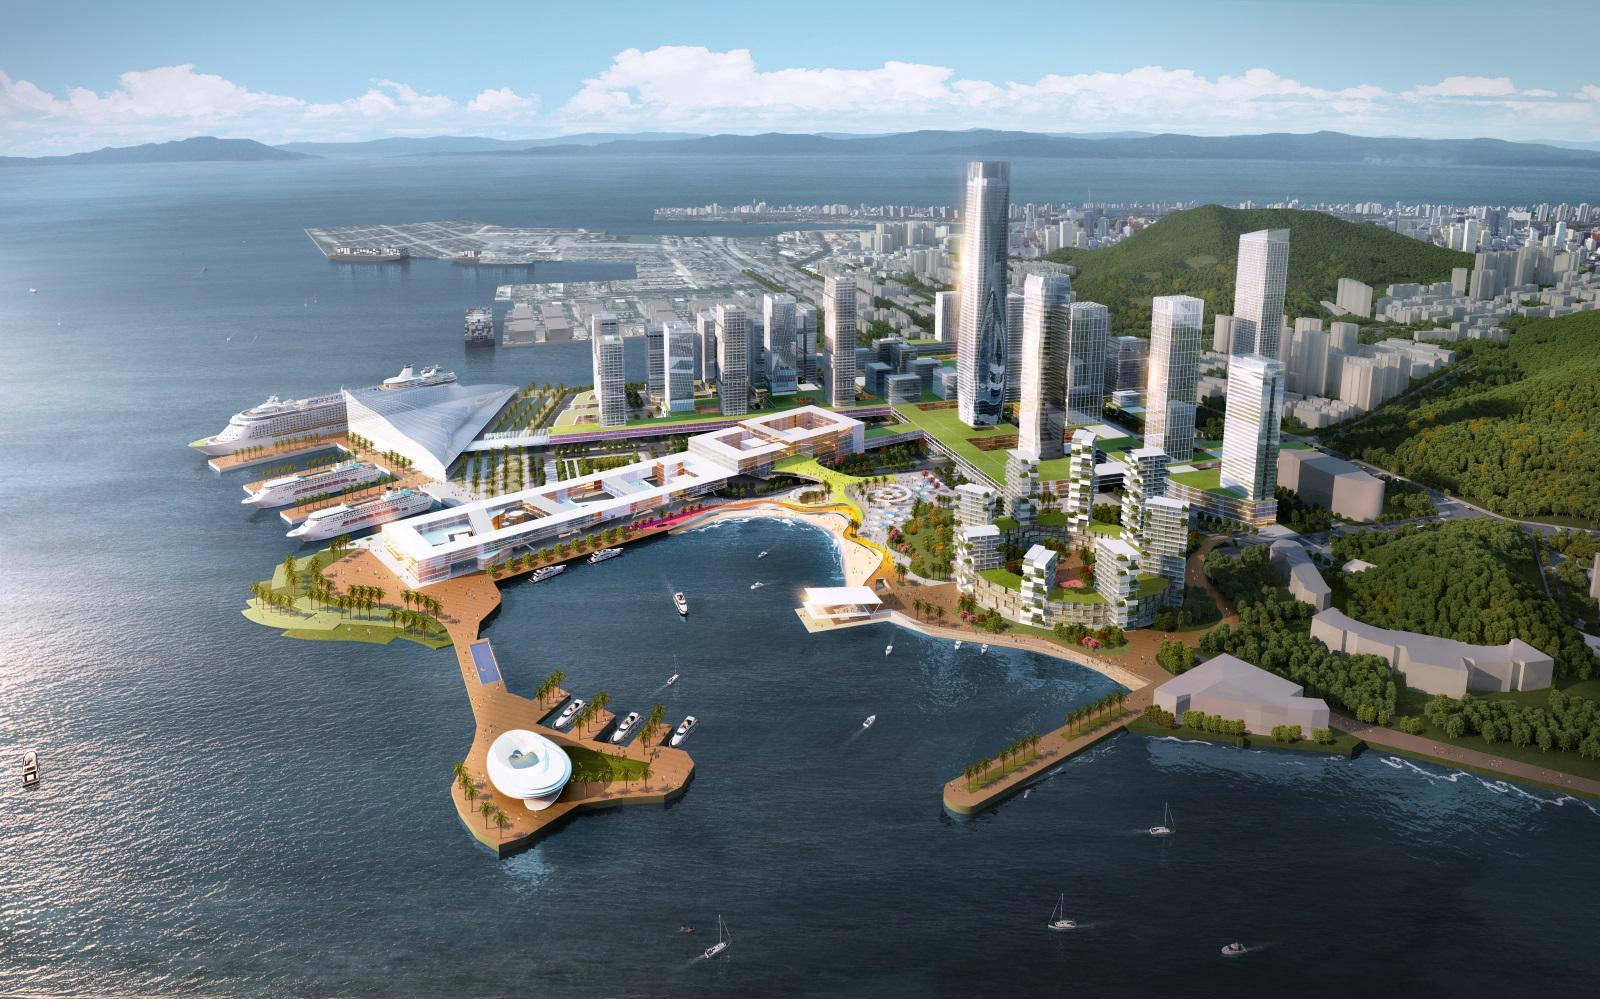 深圳最大的两大经济增长级,就在半岛城邦所在深圳湾,蛇口区域.